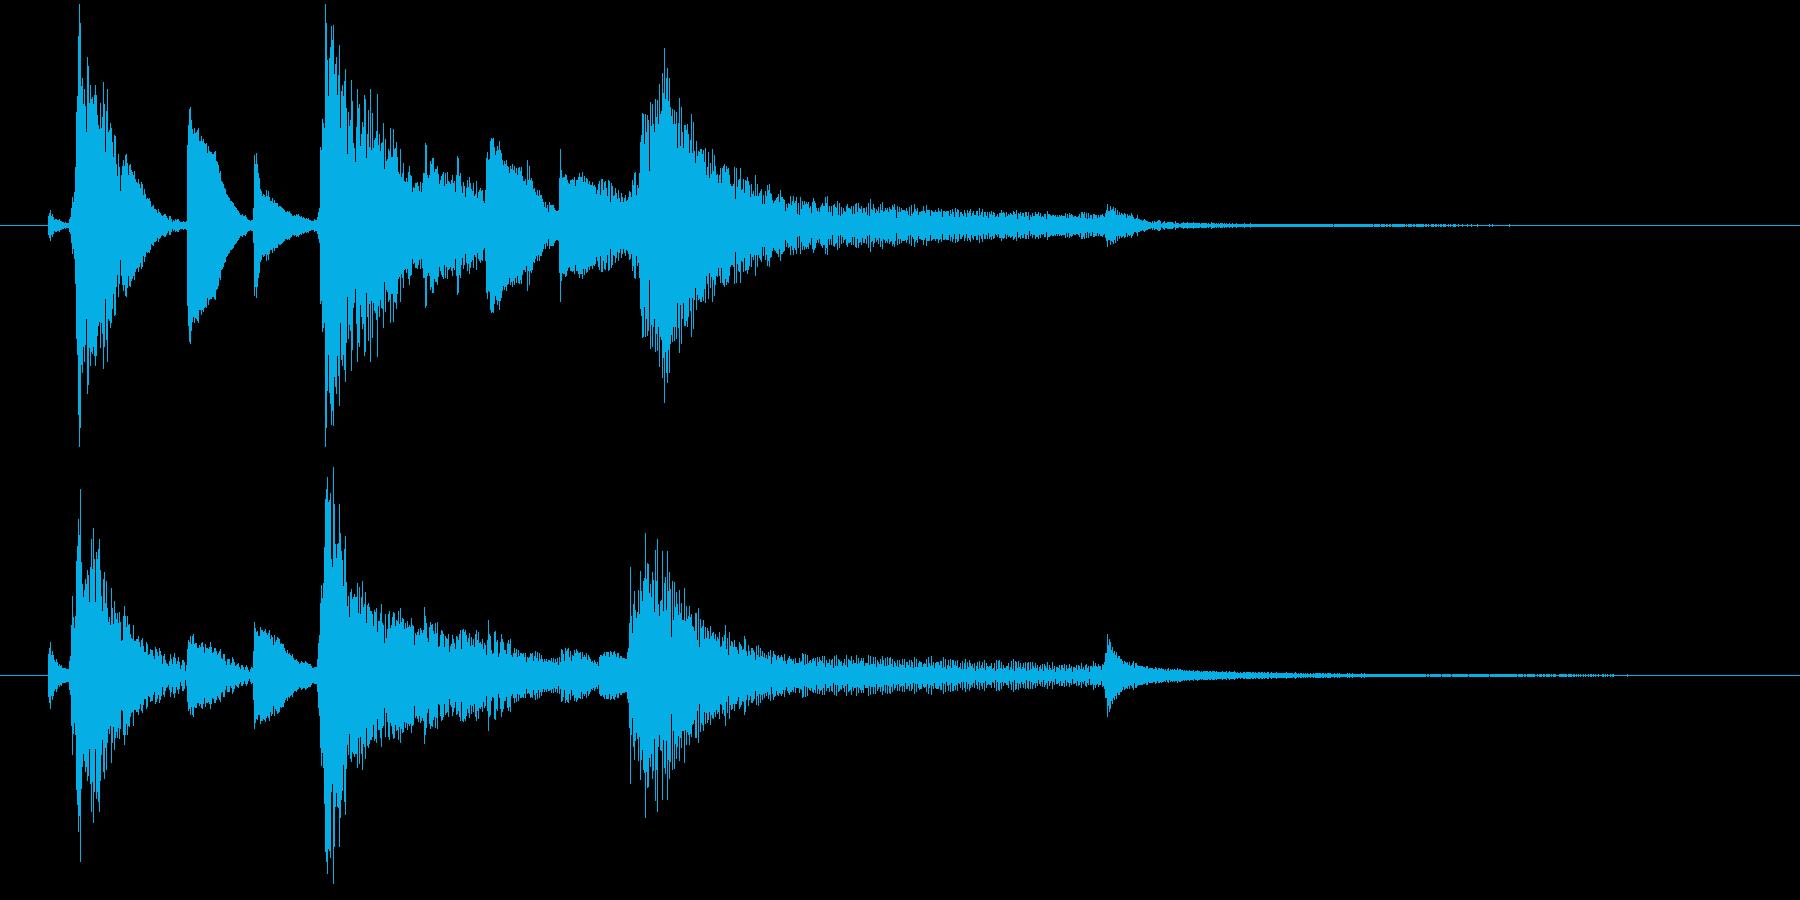 ジャズトリオ シンプルでお洒落なジングルの再生済みの波形